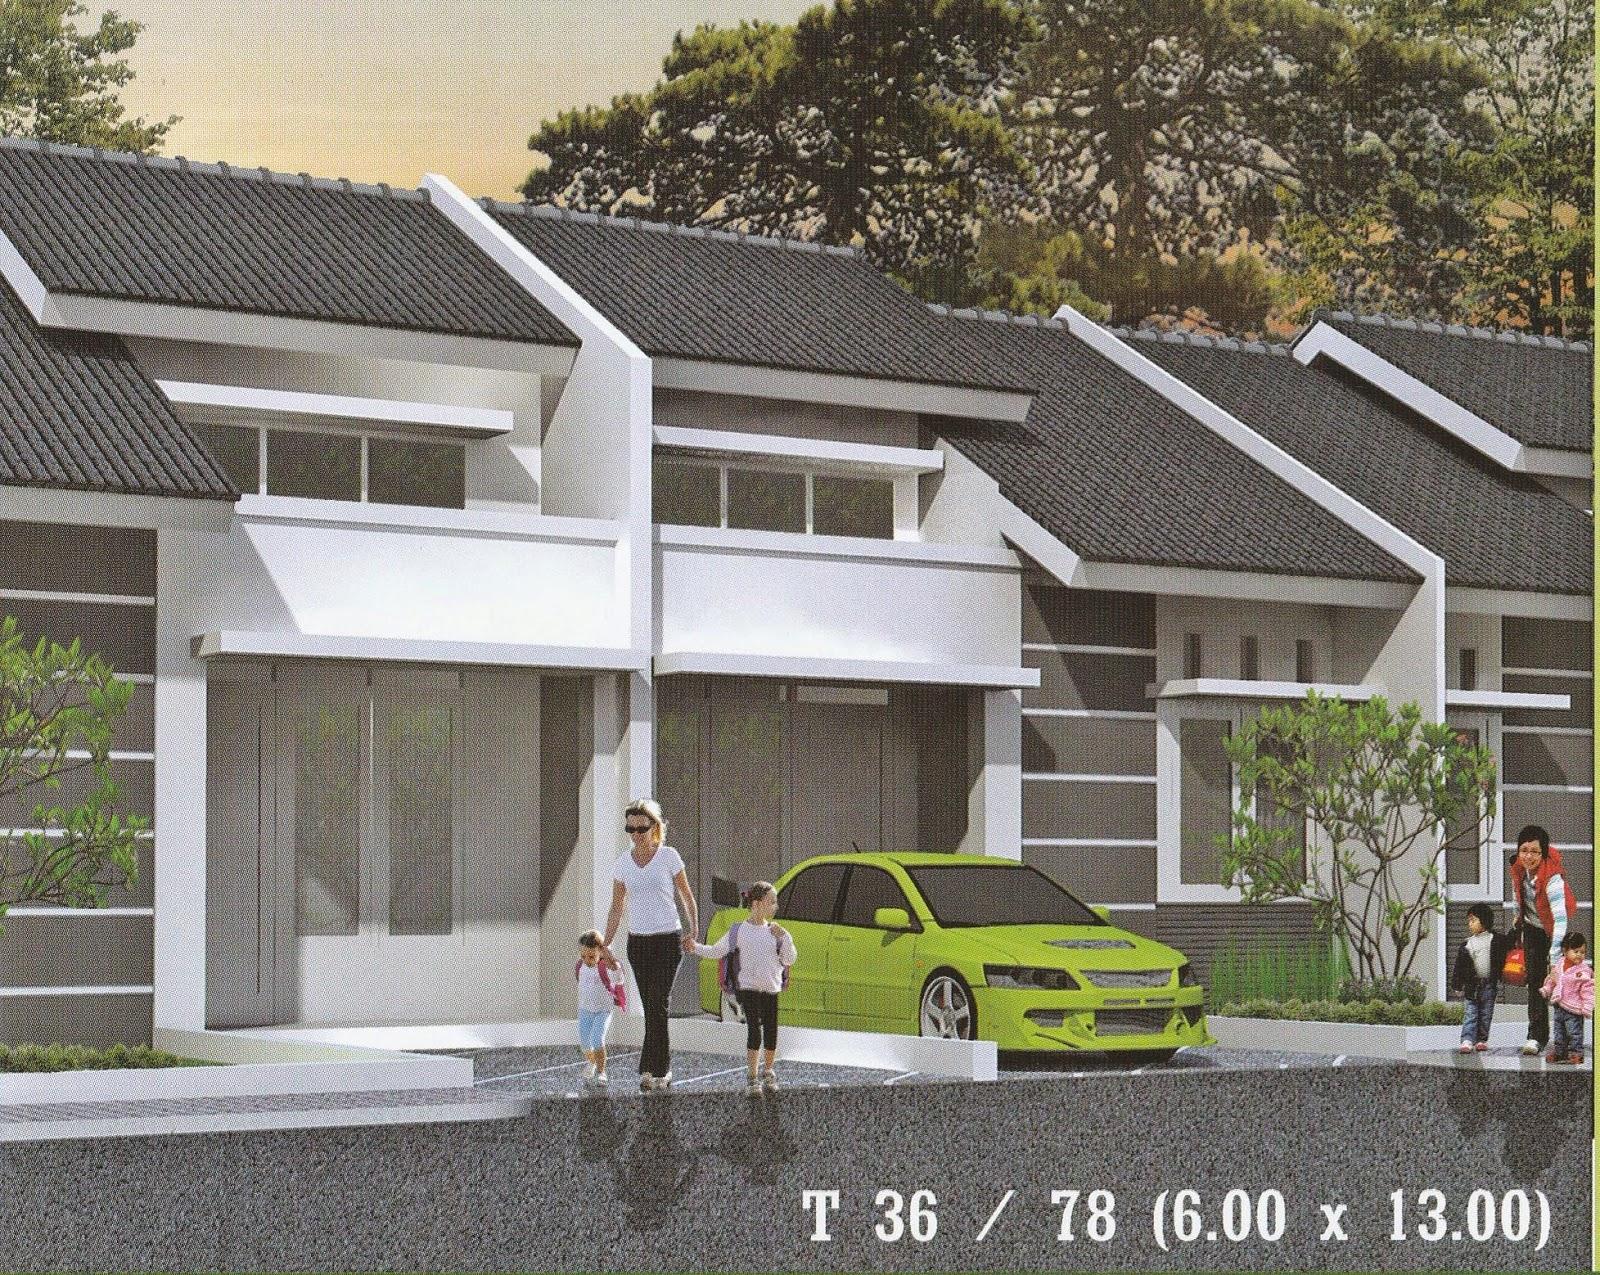 Desain Bangunan Rumah Type 36/78